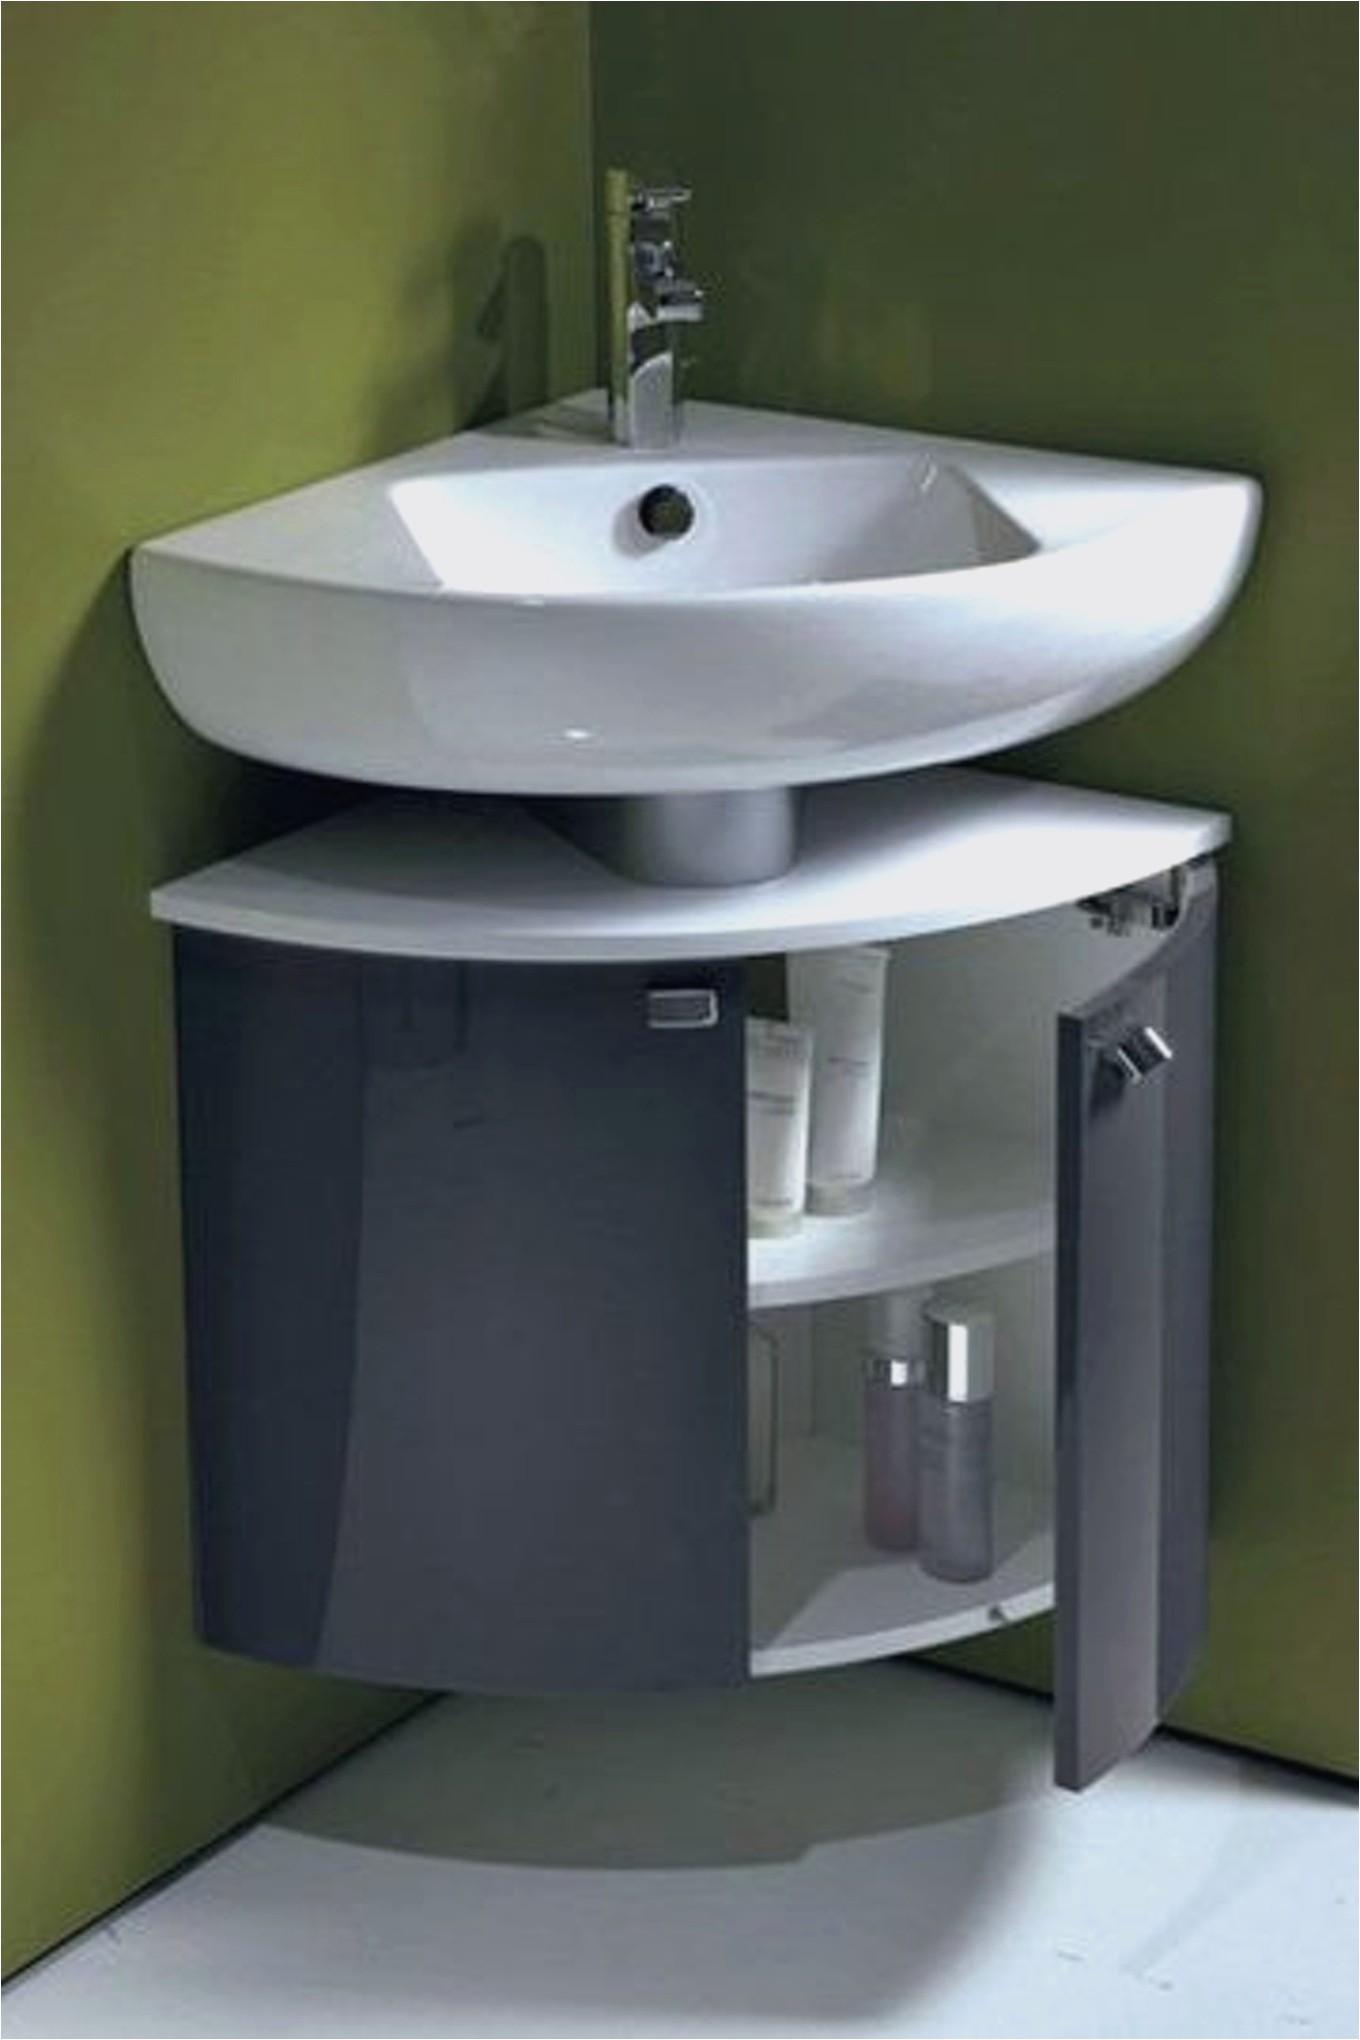 Meuble d 39 angle double vasque salle de bain lille menage - Meuble d angle pour salle de bain ...